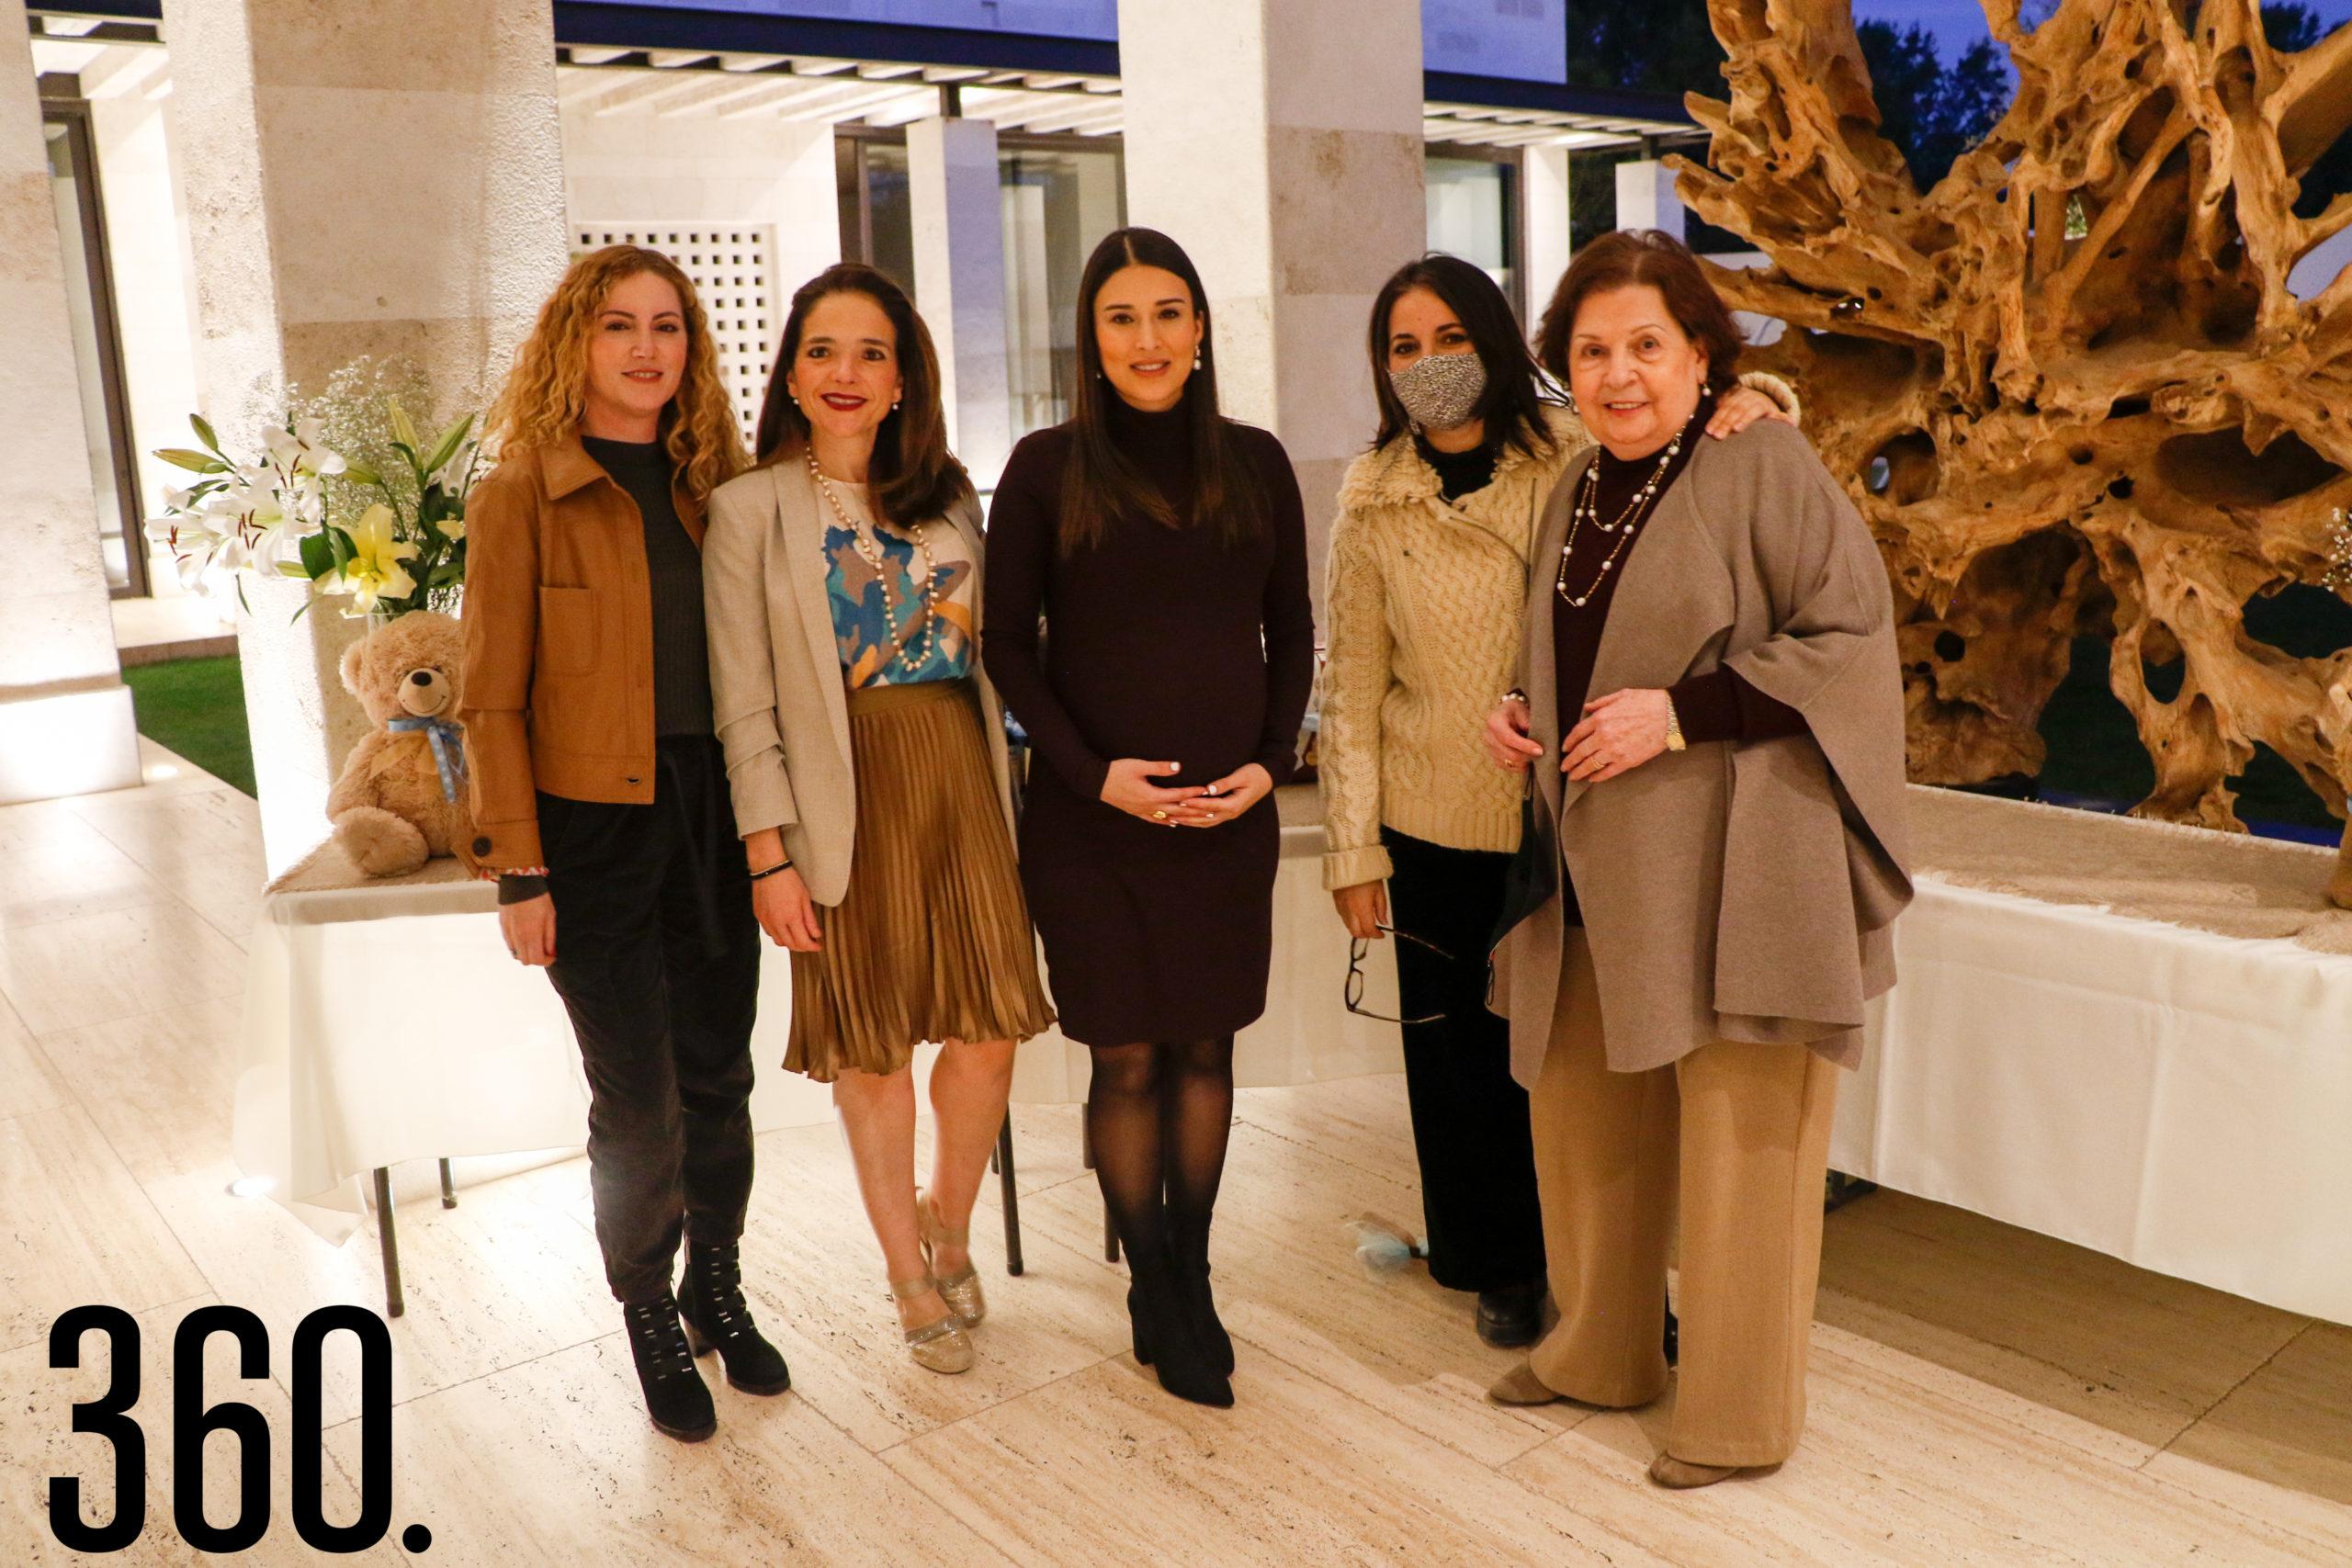 Gabriela Morales, Ale Garza, Verónica Garza, Alejandra Morales y Alejandrina de Morales.